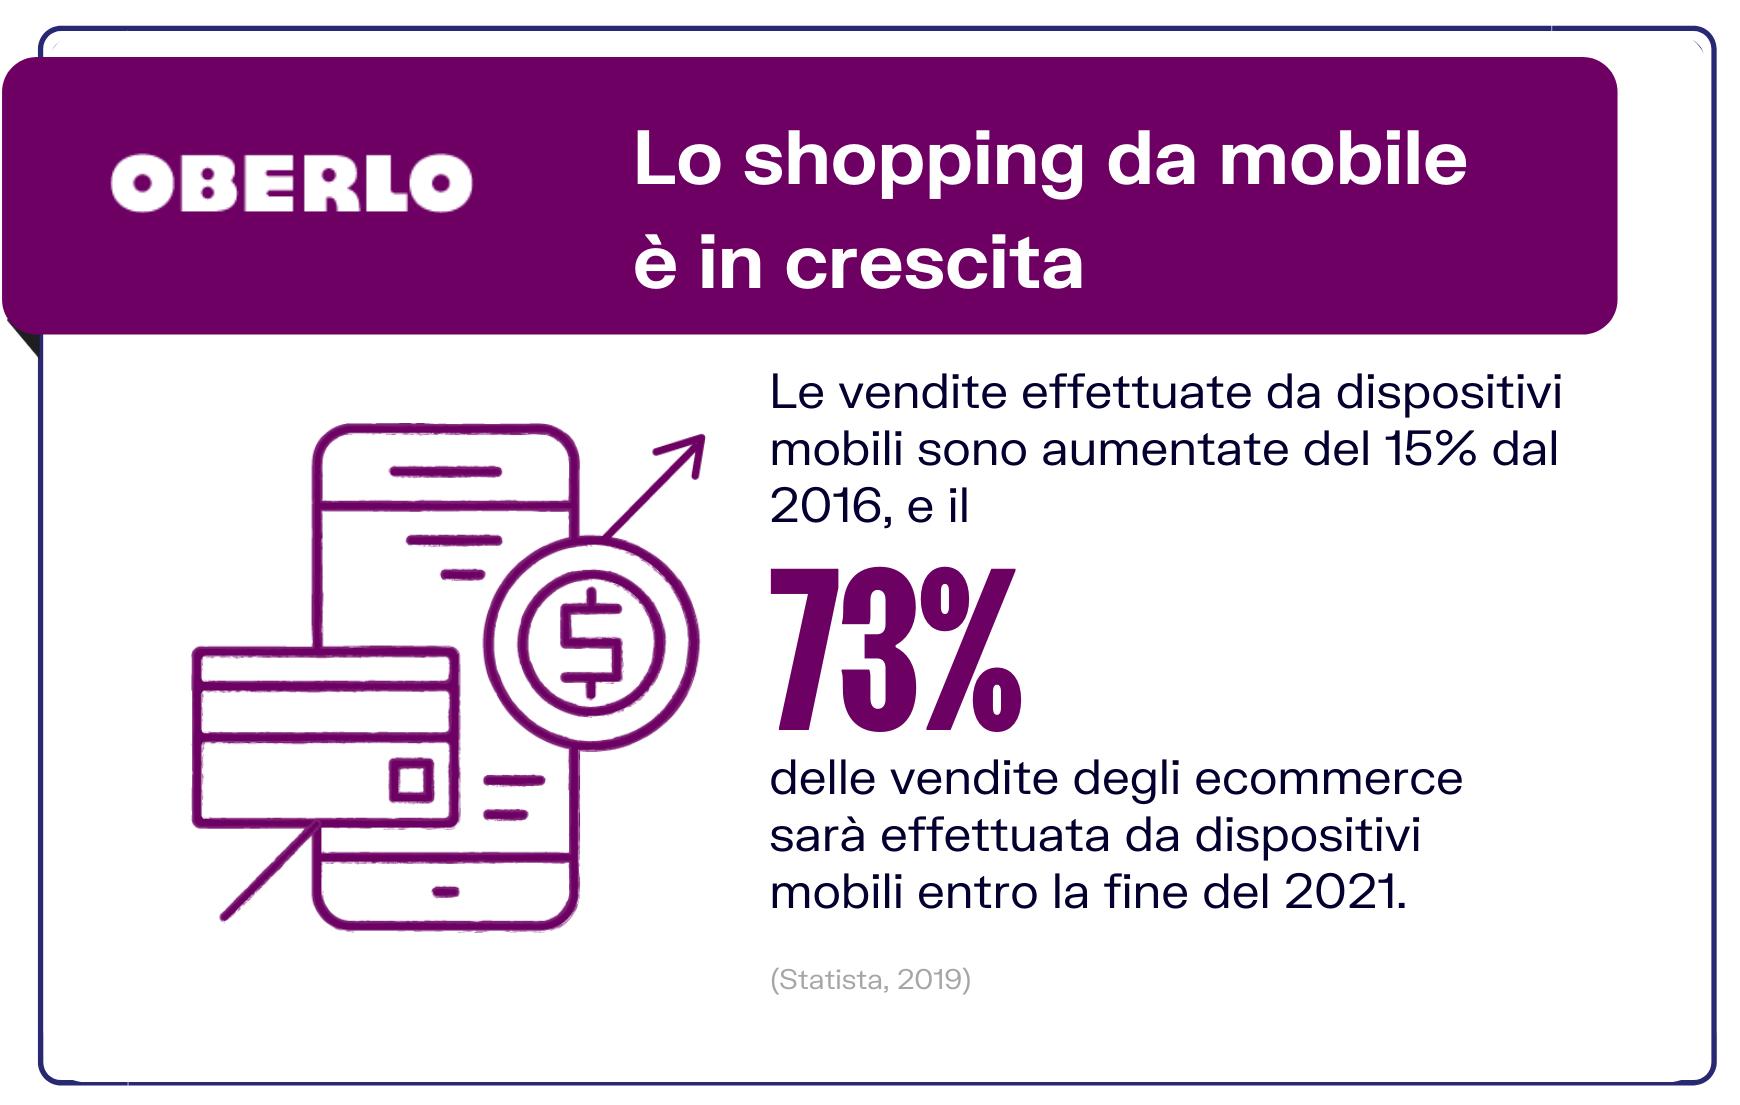 statistiche ecommerce mobile